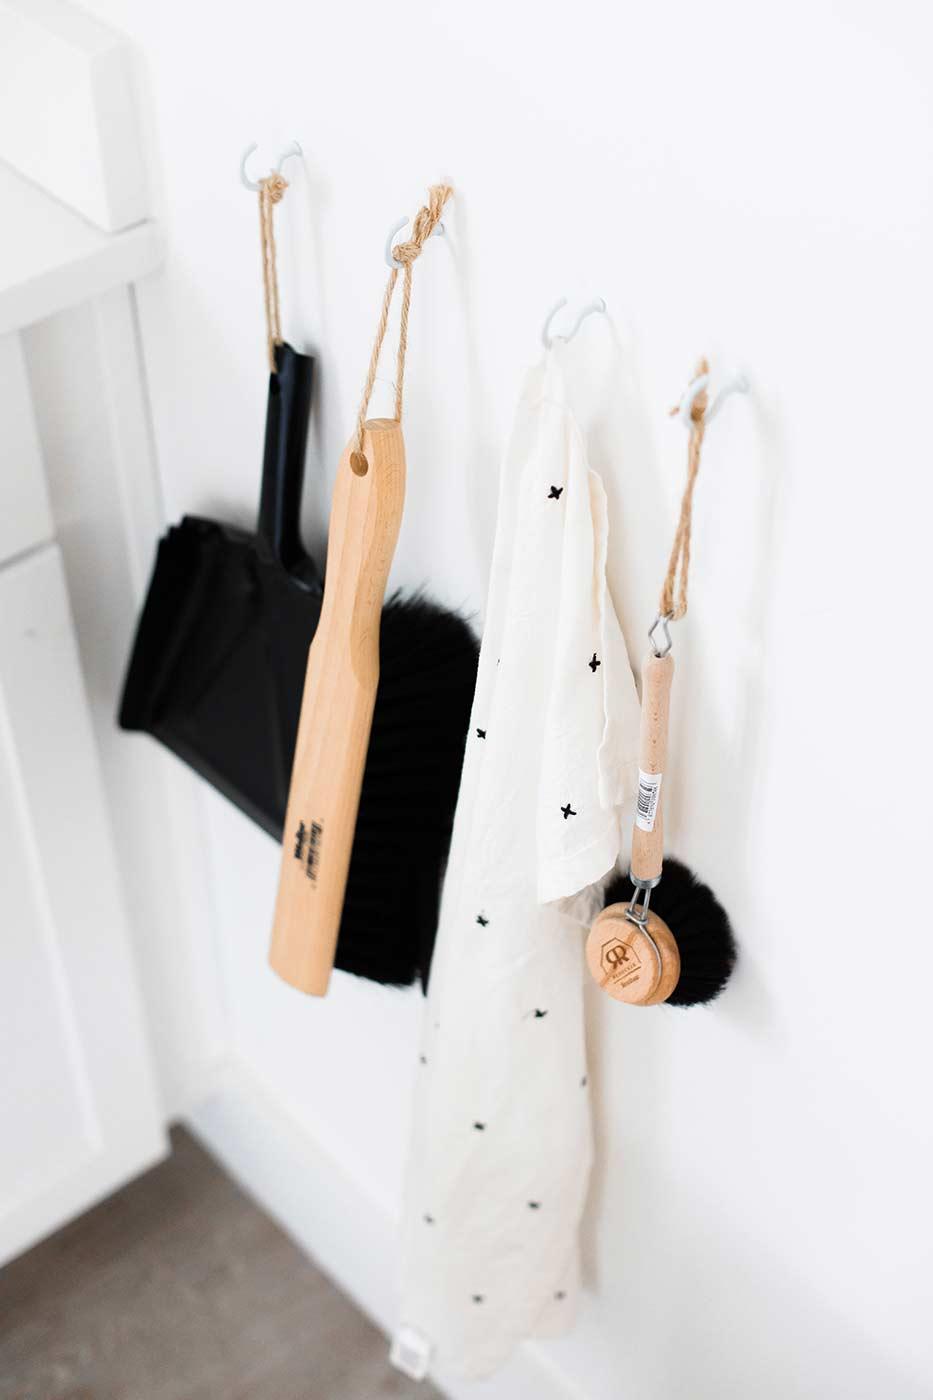 Küche putzen - So reinigst du Backofen, Arbeitsplatten & Co ...